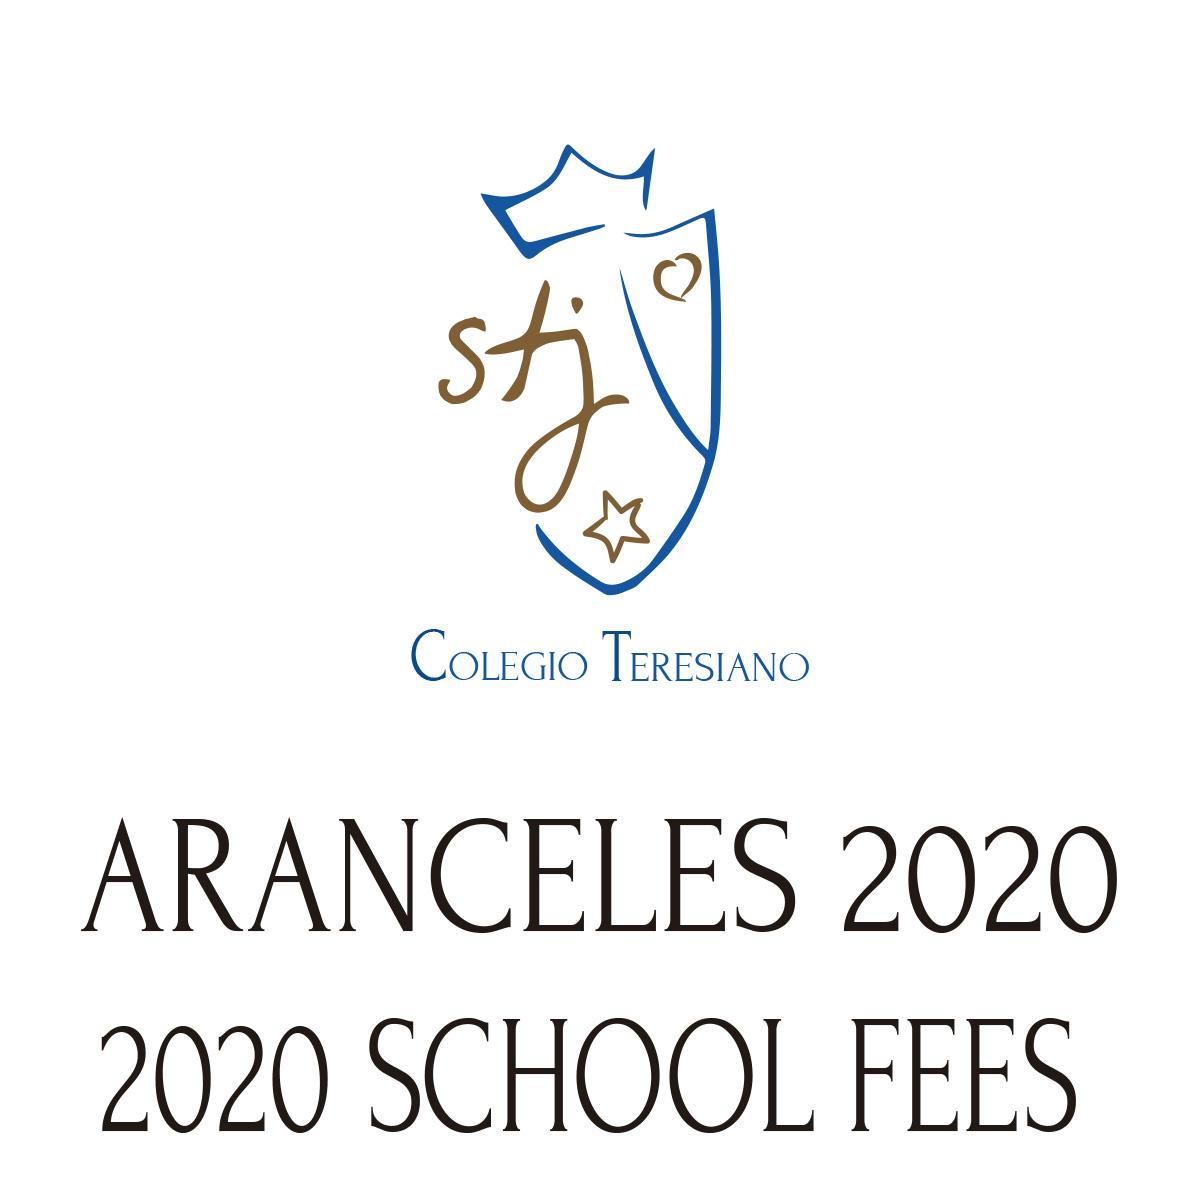 ARANCELES 2020 – NUEVO INGRESO